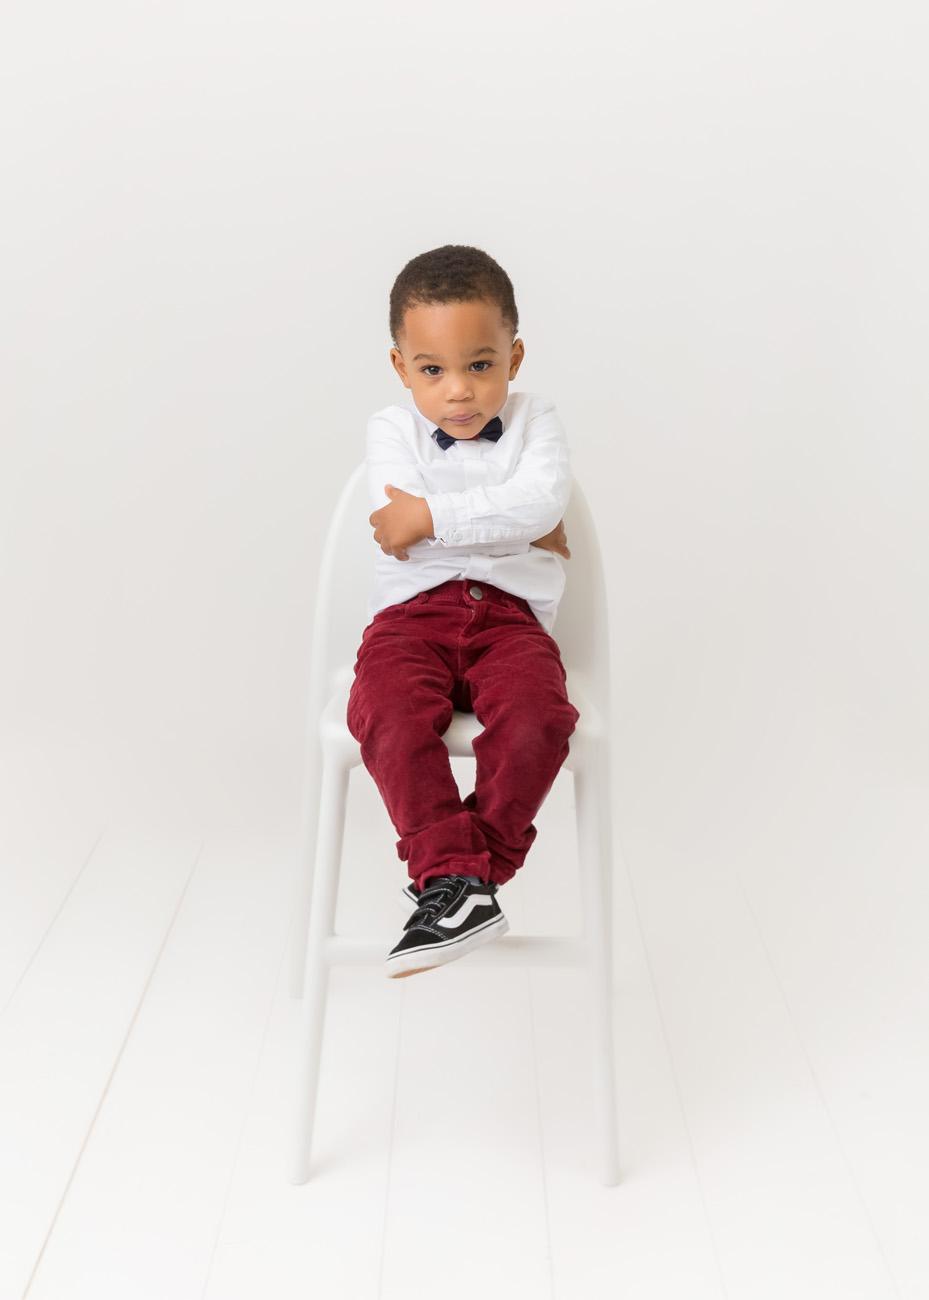 nvaillant portrait enfant studio photographe 93 (54) – Copie